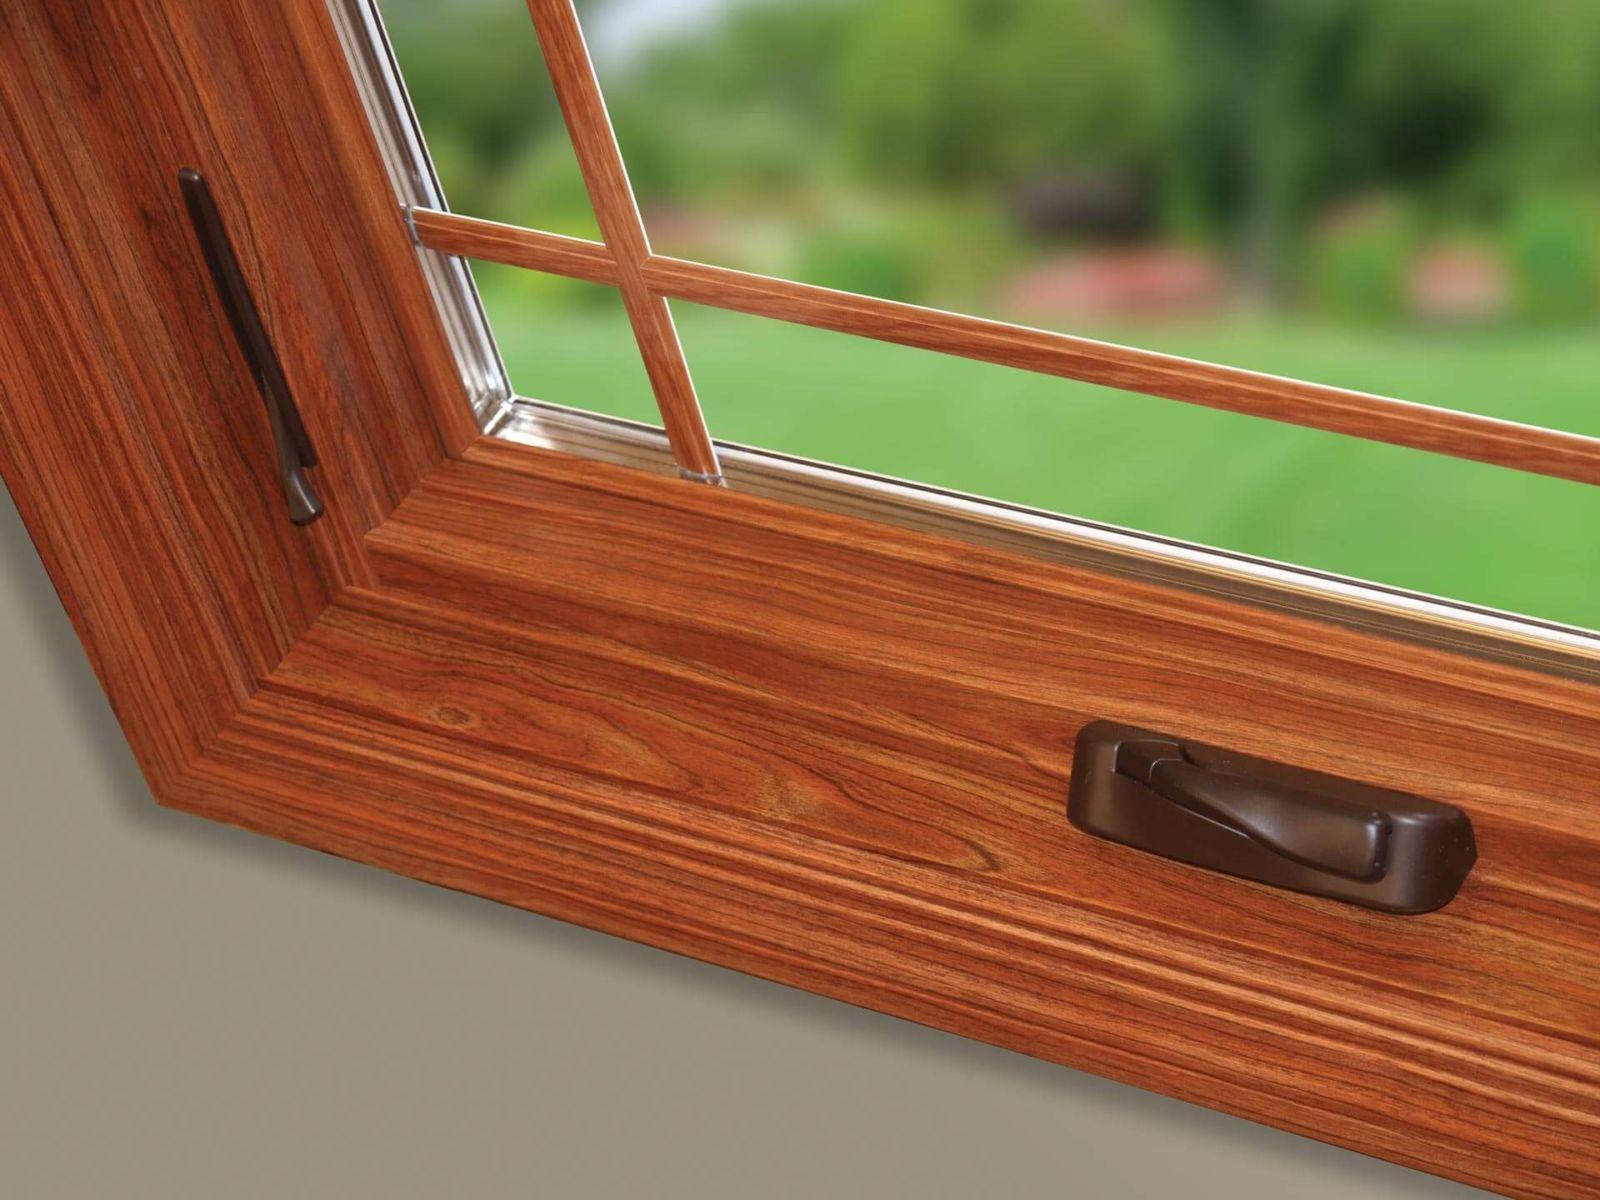 gallery-windows-6-1920x1440